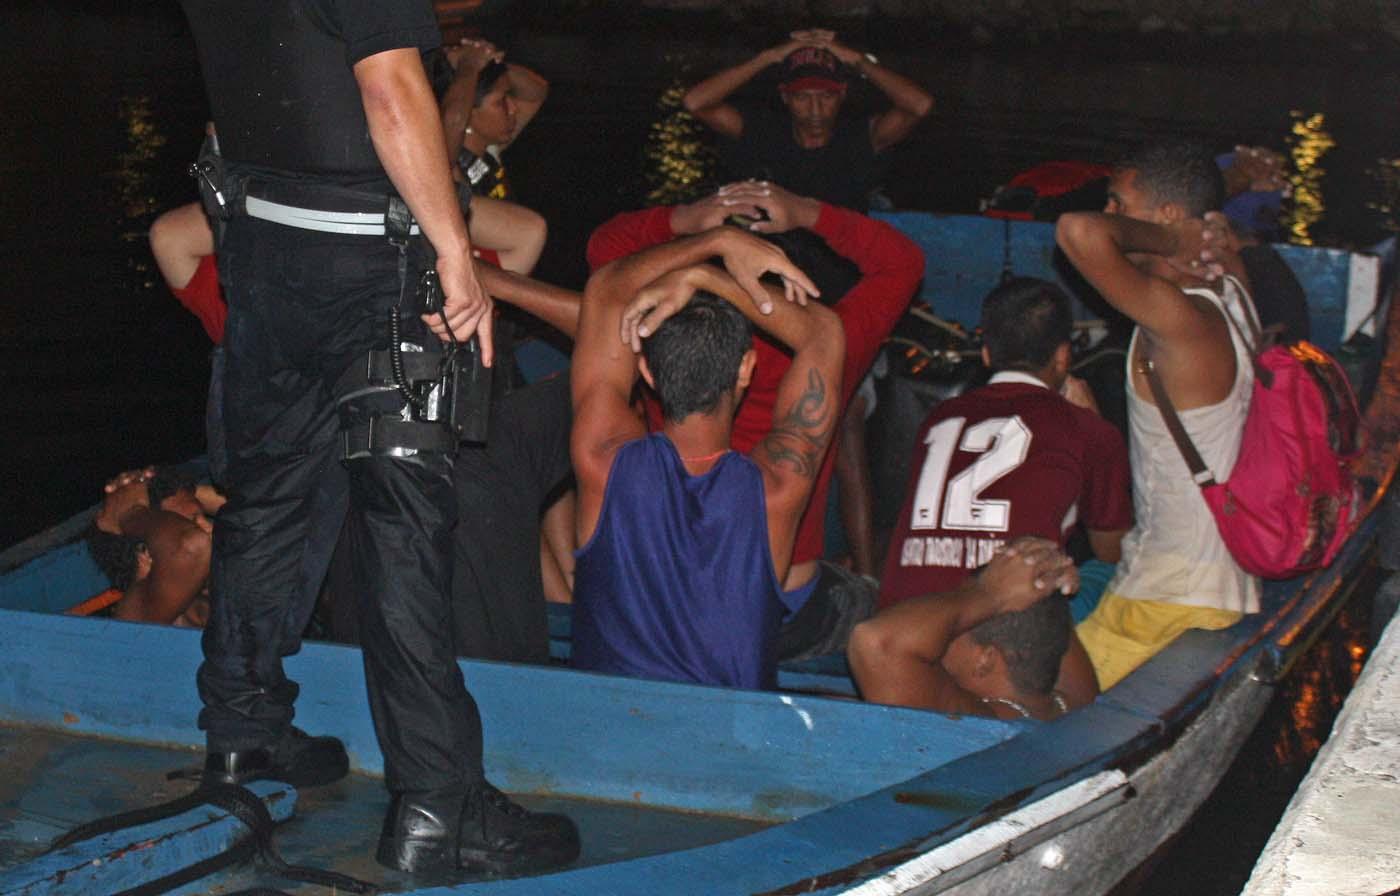 En esta fotografía del sábado 6 de agosto de 2016, autoridades detienen una embarcación en la que viajaban 20 migrantes venezolanos y uno colombiano en la subestación de la guardia costera en Parera, Curazao. La policía decomisó contrabando como cigarrillos y municiones y detuvo a todas las personas que viajaban a bordo porque presuntamente intentaban ingresar ilegalmente en Curazao. El portavoz de la Guardia Costera, Roderick Gouverneur, dijo que todos los migrantes estaban detenidos el lunes. (Foto de Roderick N. Gouverneur/Guardia Costera Caribeña Holandesa)